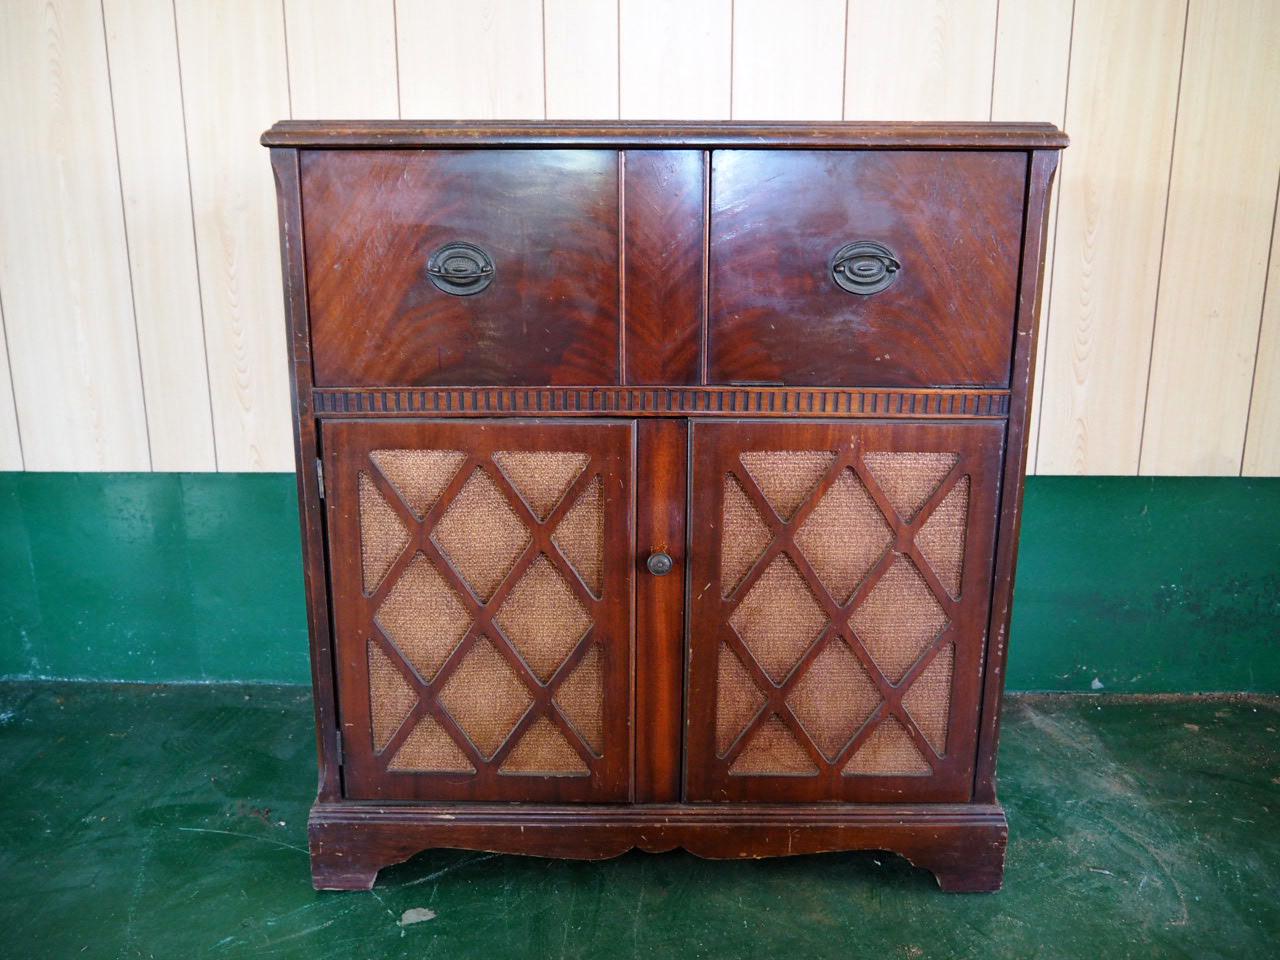 品番1353 silentone レコードプレーヤー台 木製フレーム アンティーク家具 ヴィンテージ